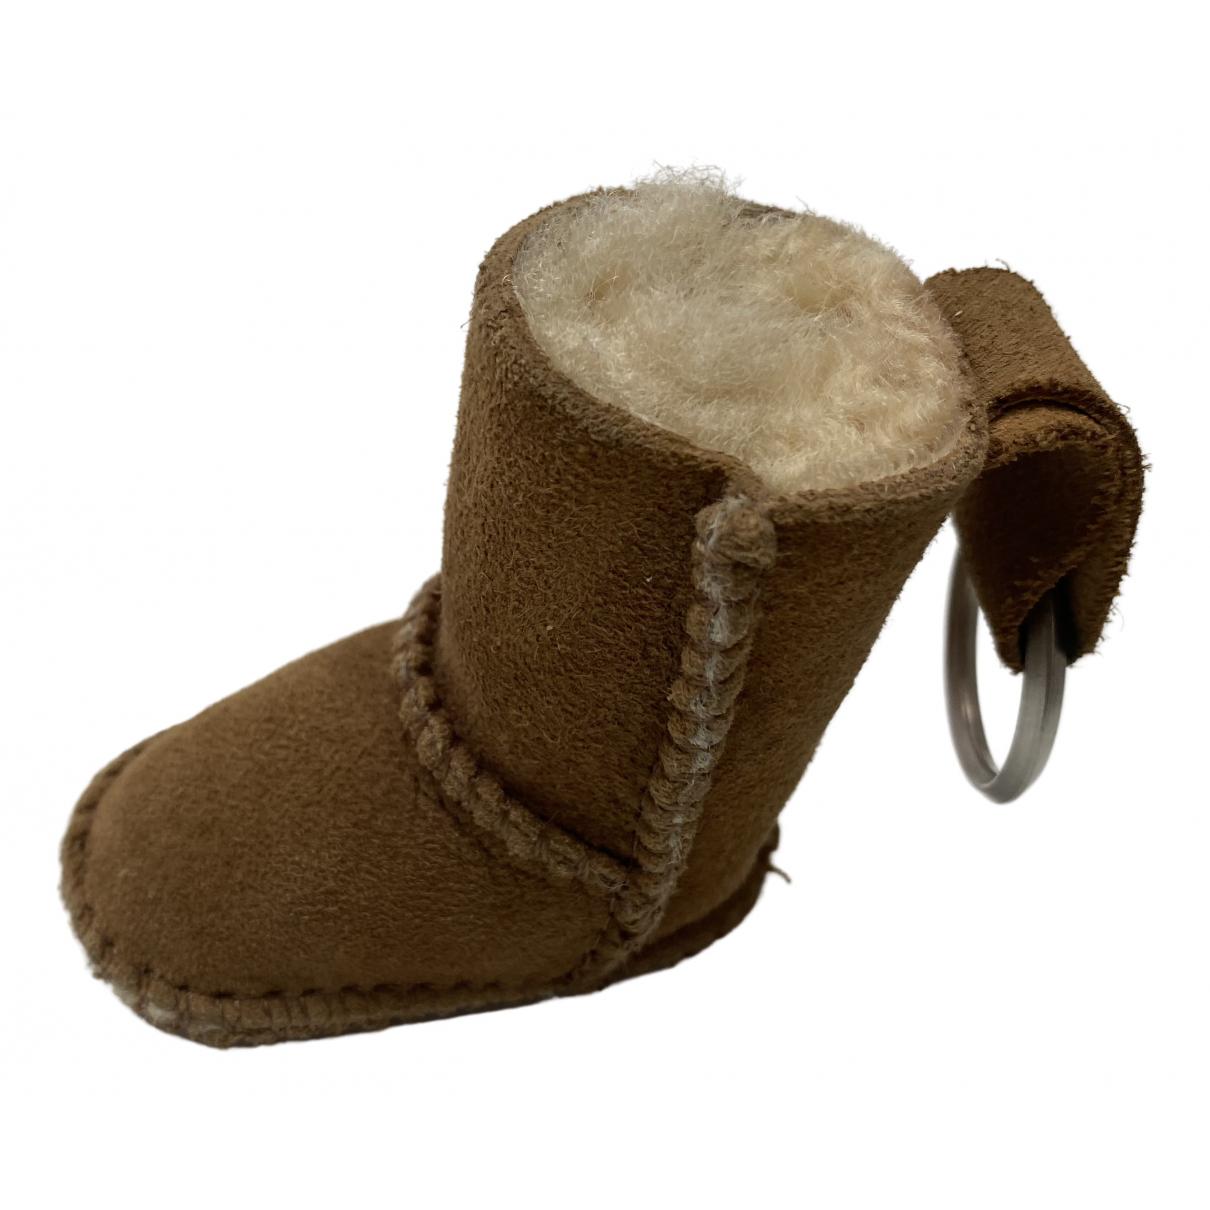 Ugg N Camel Fur Purses, wallet & cases for Women N